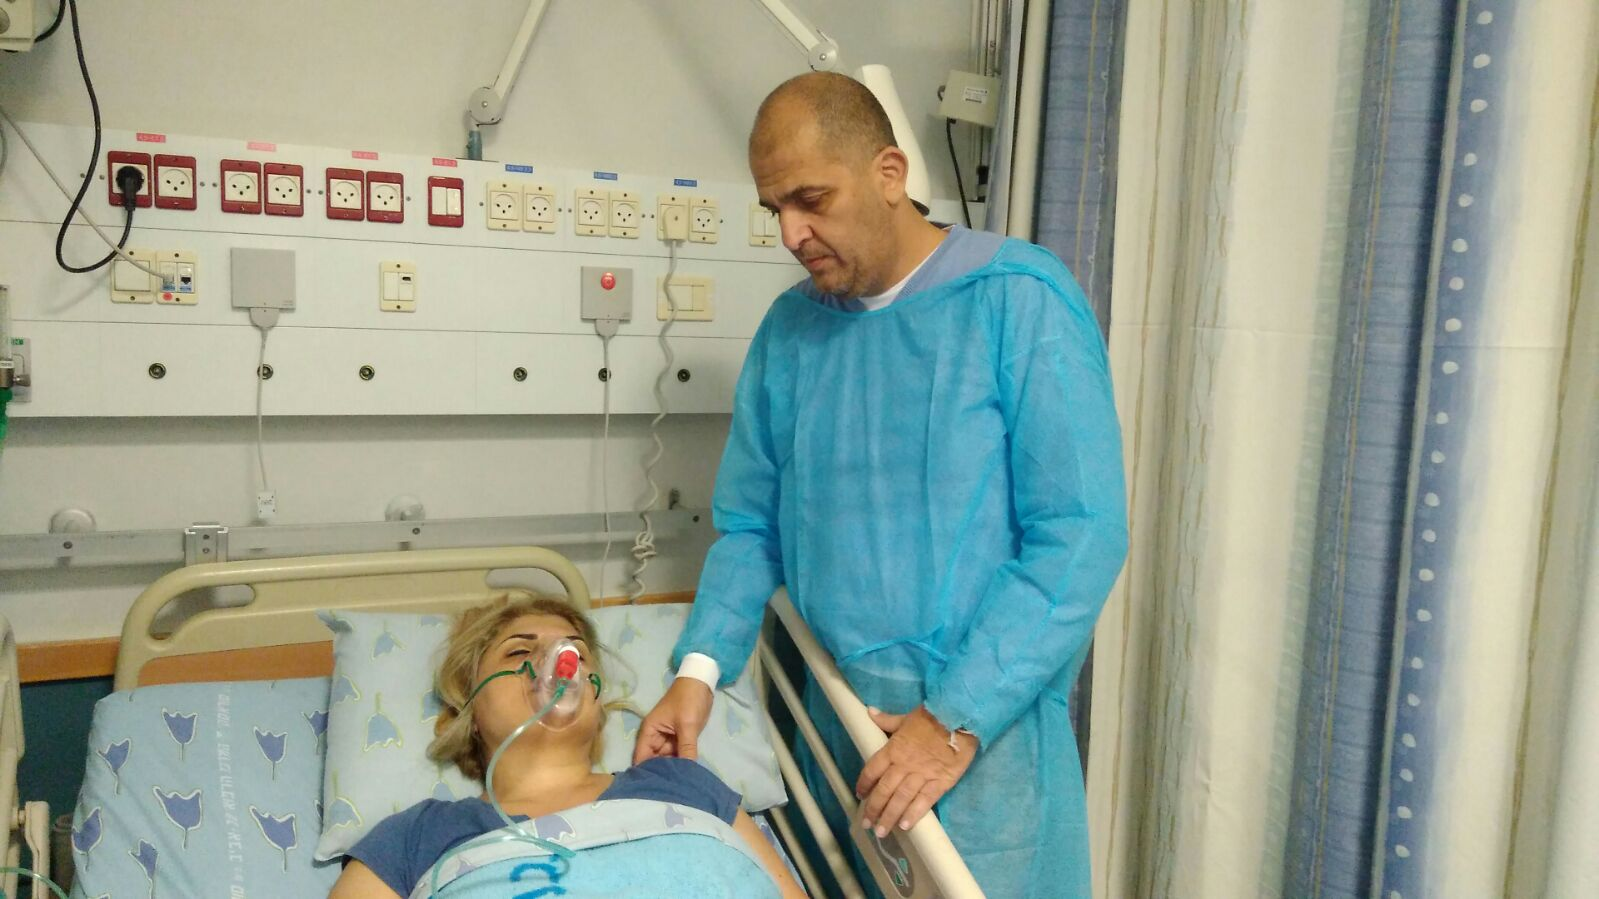 """""""חרב עלינו עולמנו"""". יוחנן קמרי לצד אשתו בבית החולים איכילוב (צילום: באדיבות יוחנן קמרי) (צילום: באדיבות יוחנן קמרי)"""